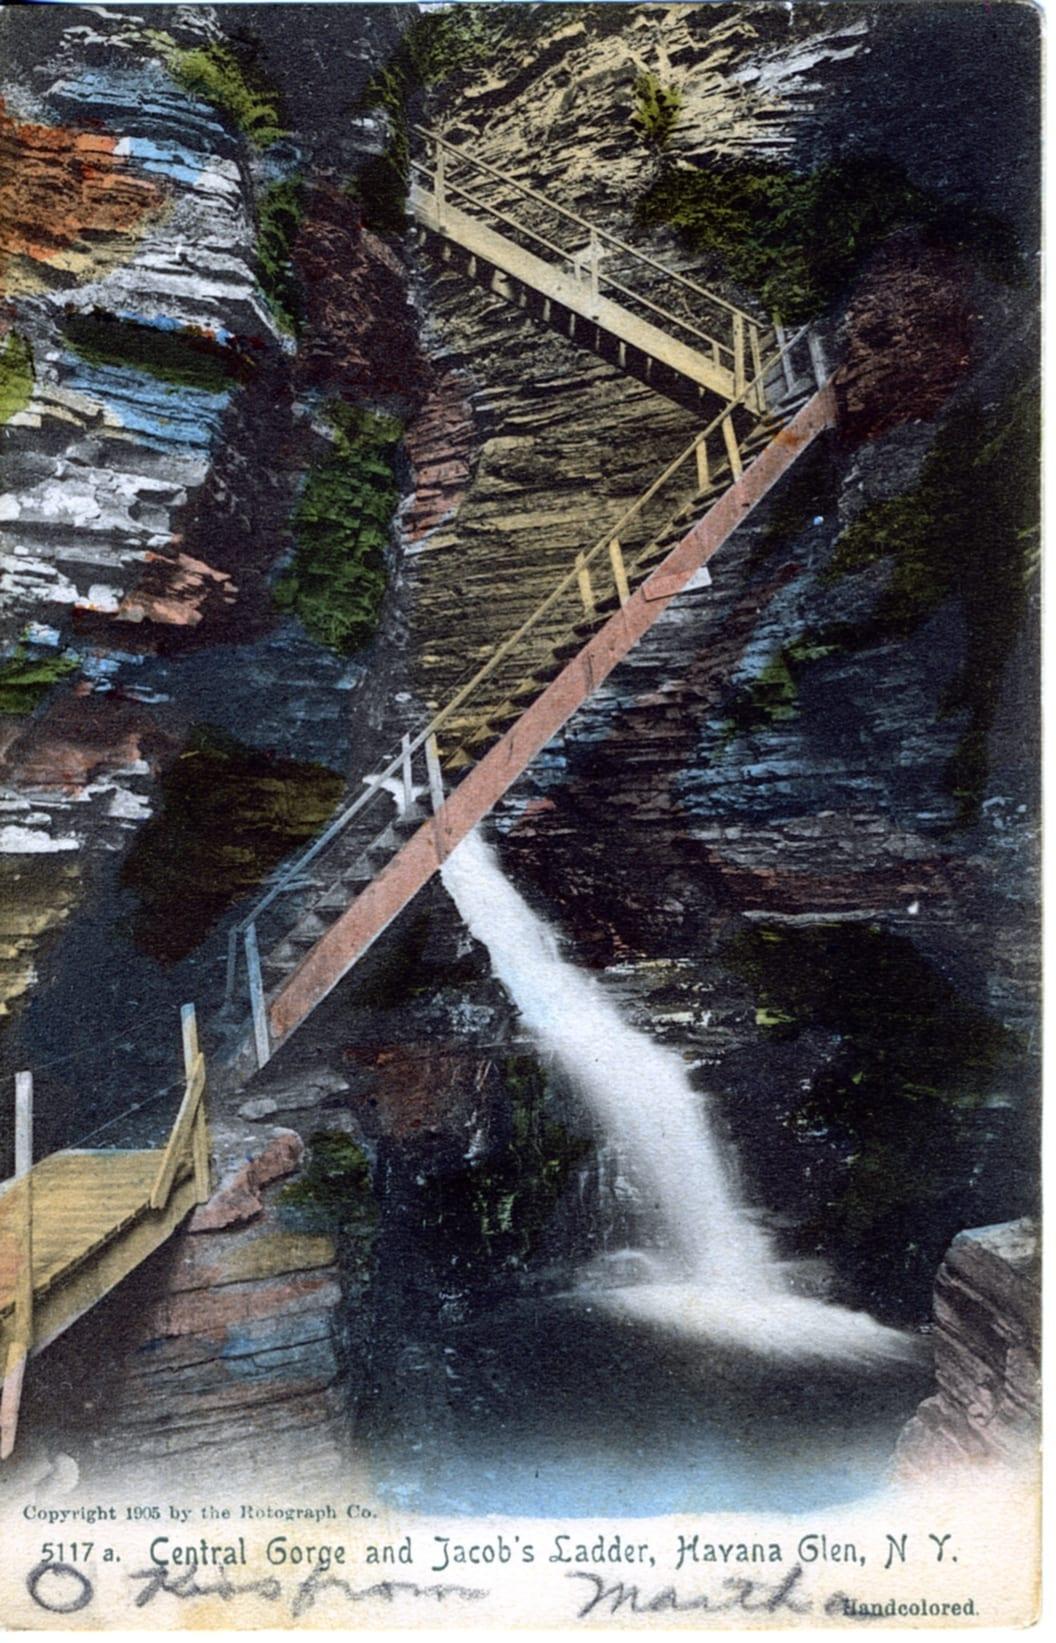 Central Gorge and Jacob's Ladder, Havana Glen